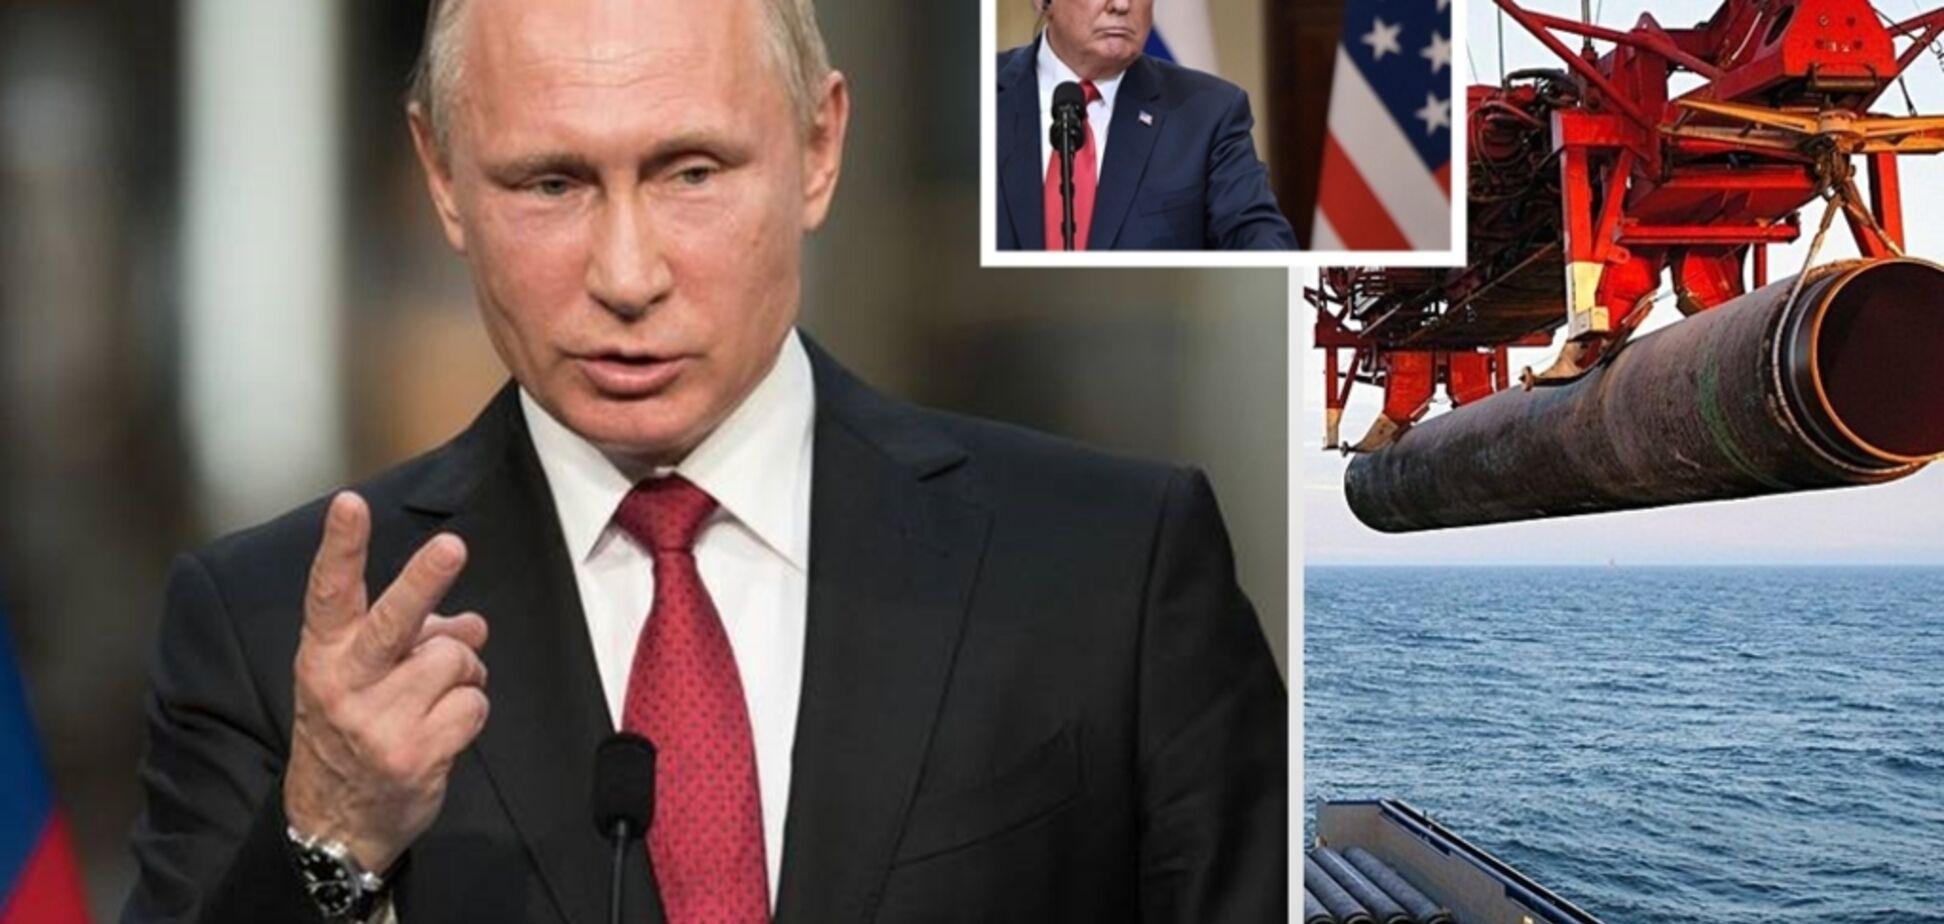 Новий удар Путіна по Україні: у США б'ють на сполох, а у Німеччині рахують прибуток